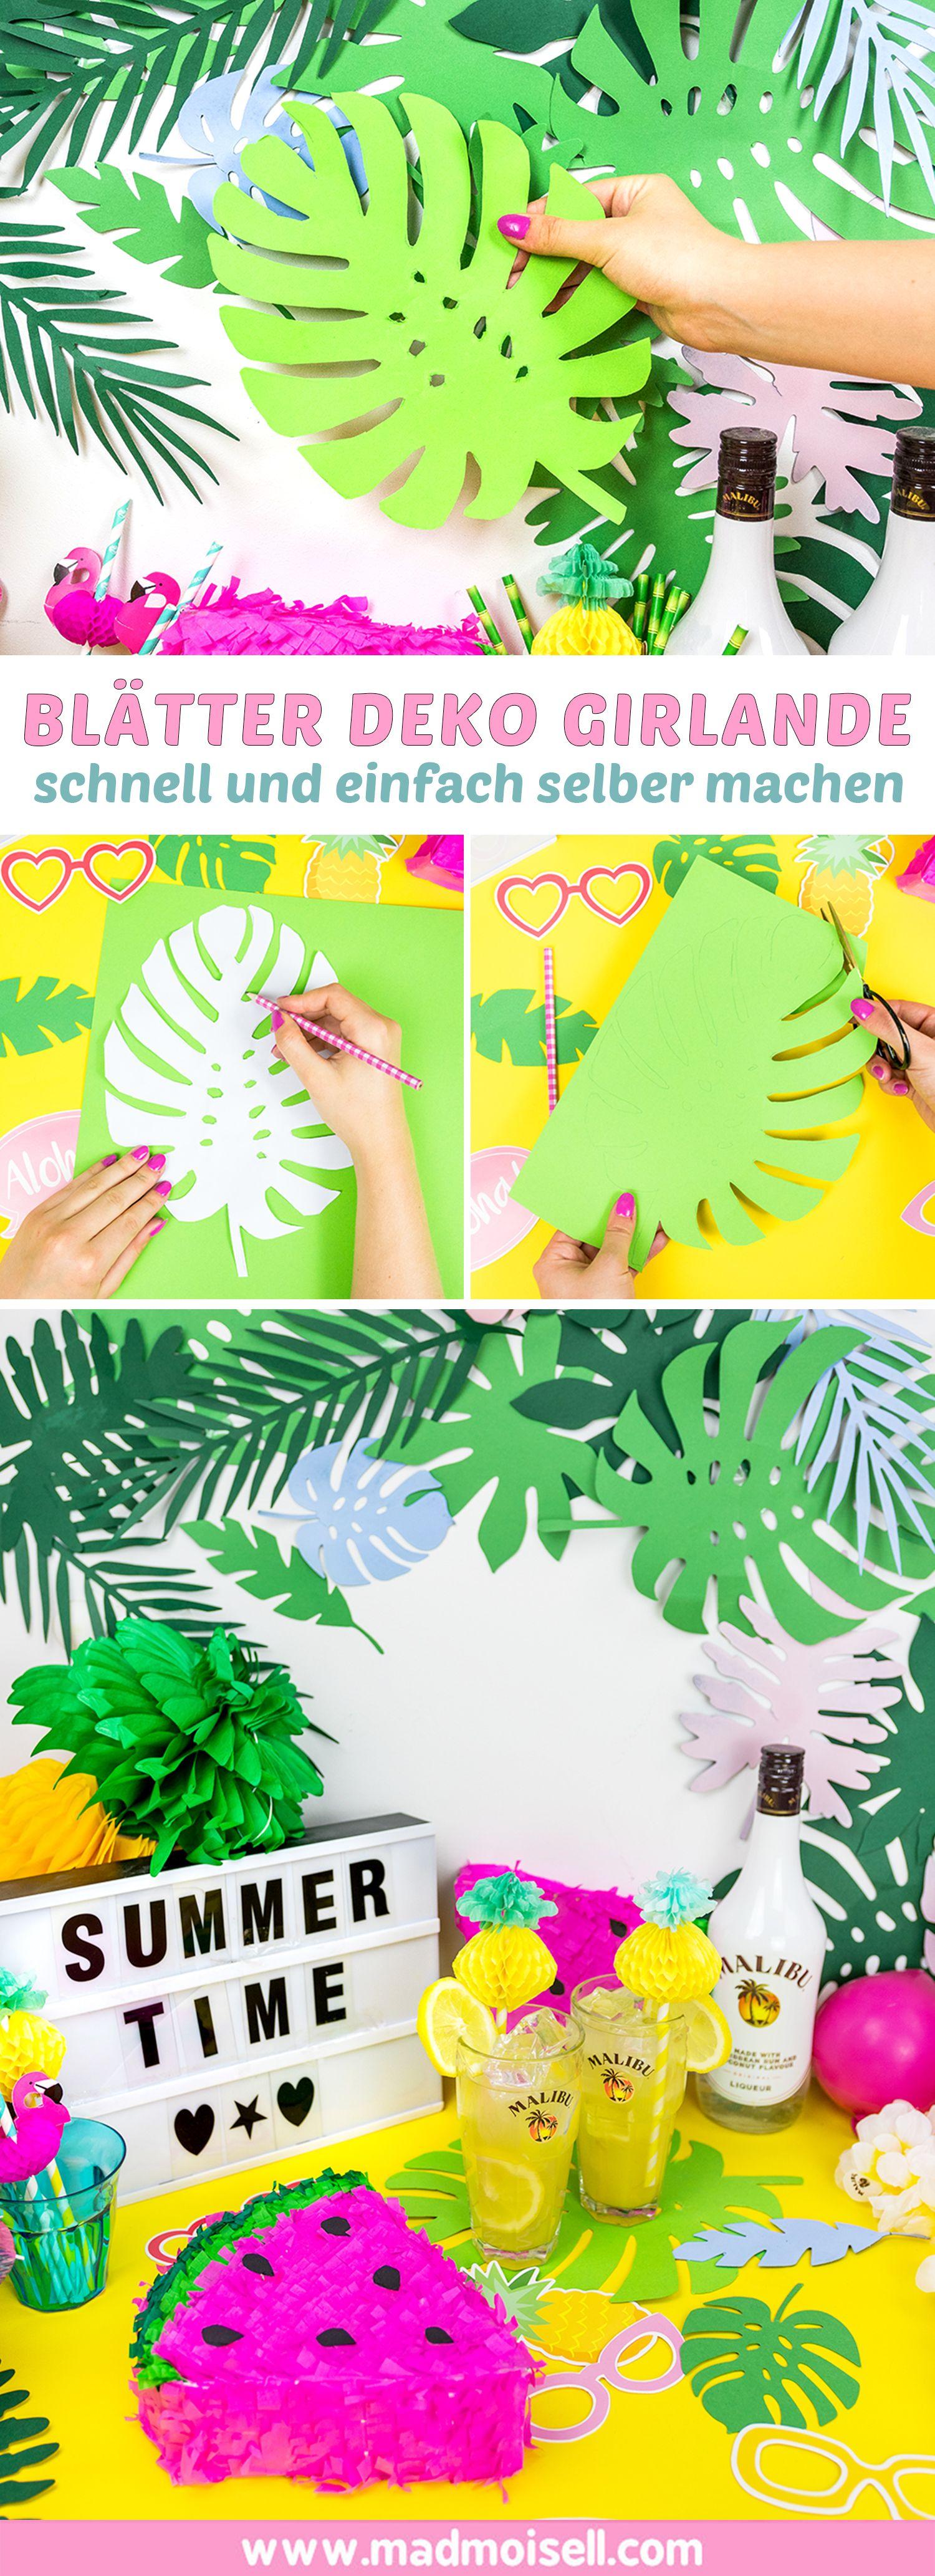 Die schönsten Sommer Party DIY Ideen - 3 kreative Anleitungen #partyideen